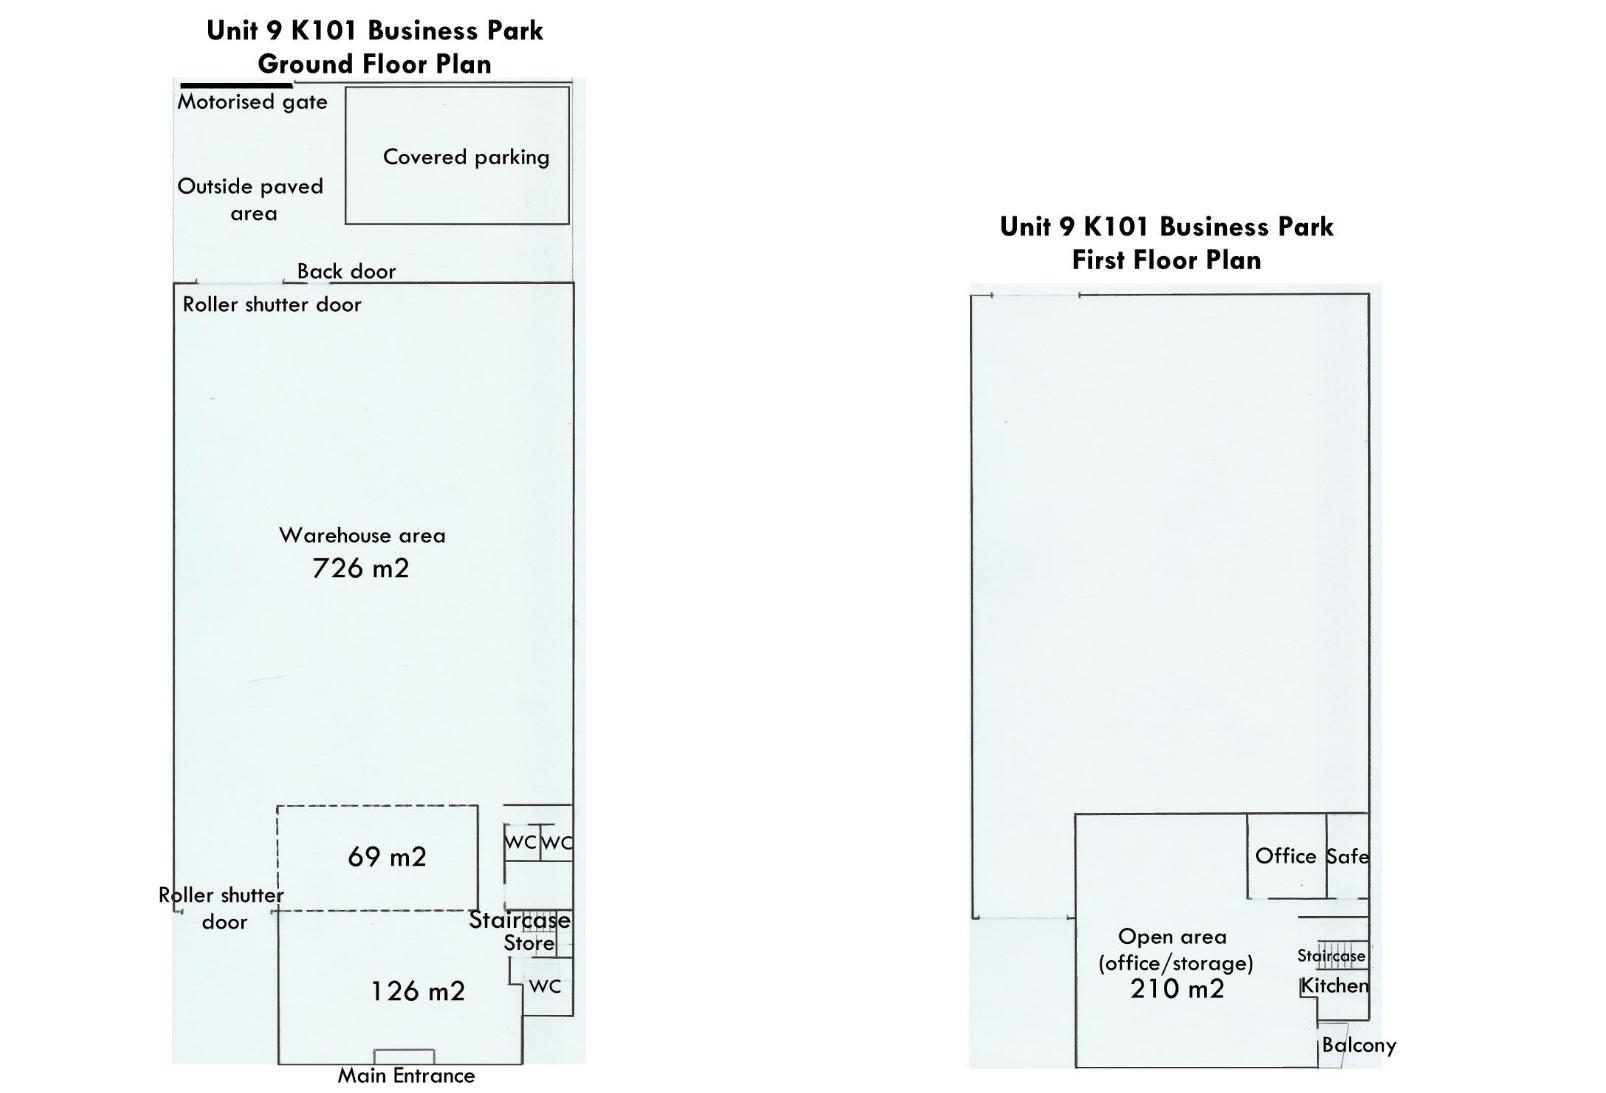 上水名都商場平面圖 furthermore Gallery Of 120 Social Housing In Parla   Arquitecnica 12 likewise Kitchen Design Floor Plans in addition 050mm(壁面は曇りガラス、高さ1 100mm) together with Olivetti Showroom Floor Plan 2nd. on floor plan